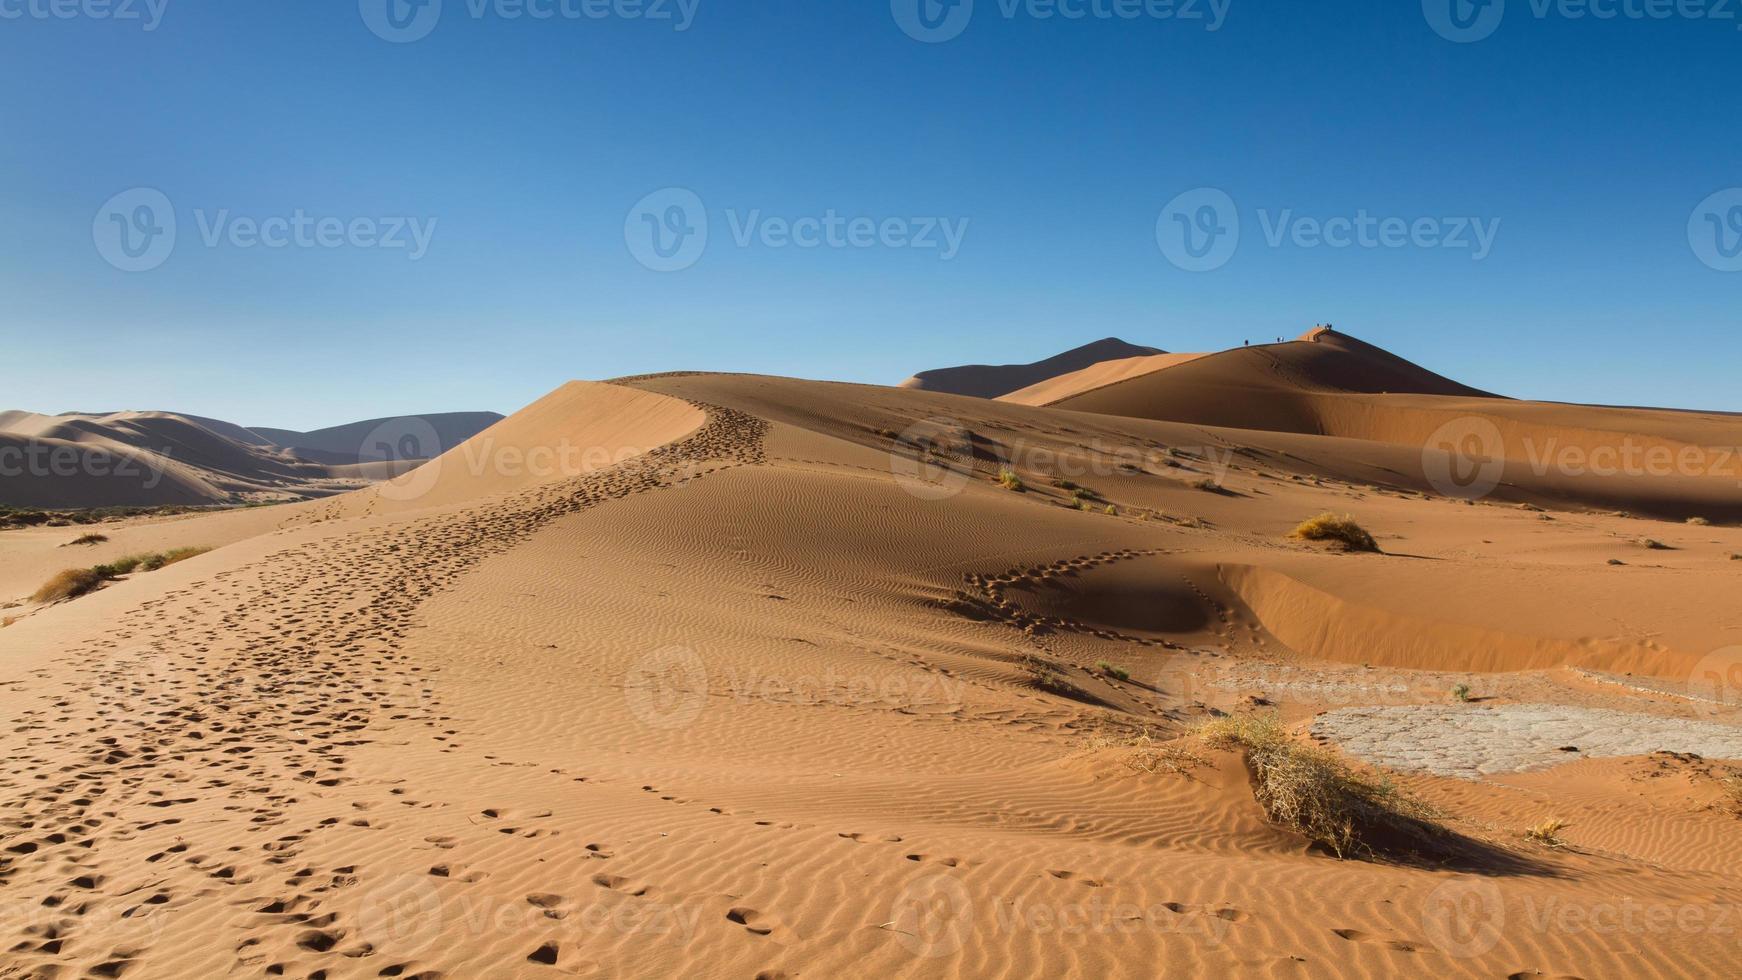 caminho na duna de areia foto